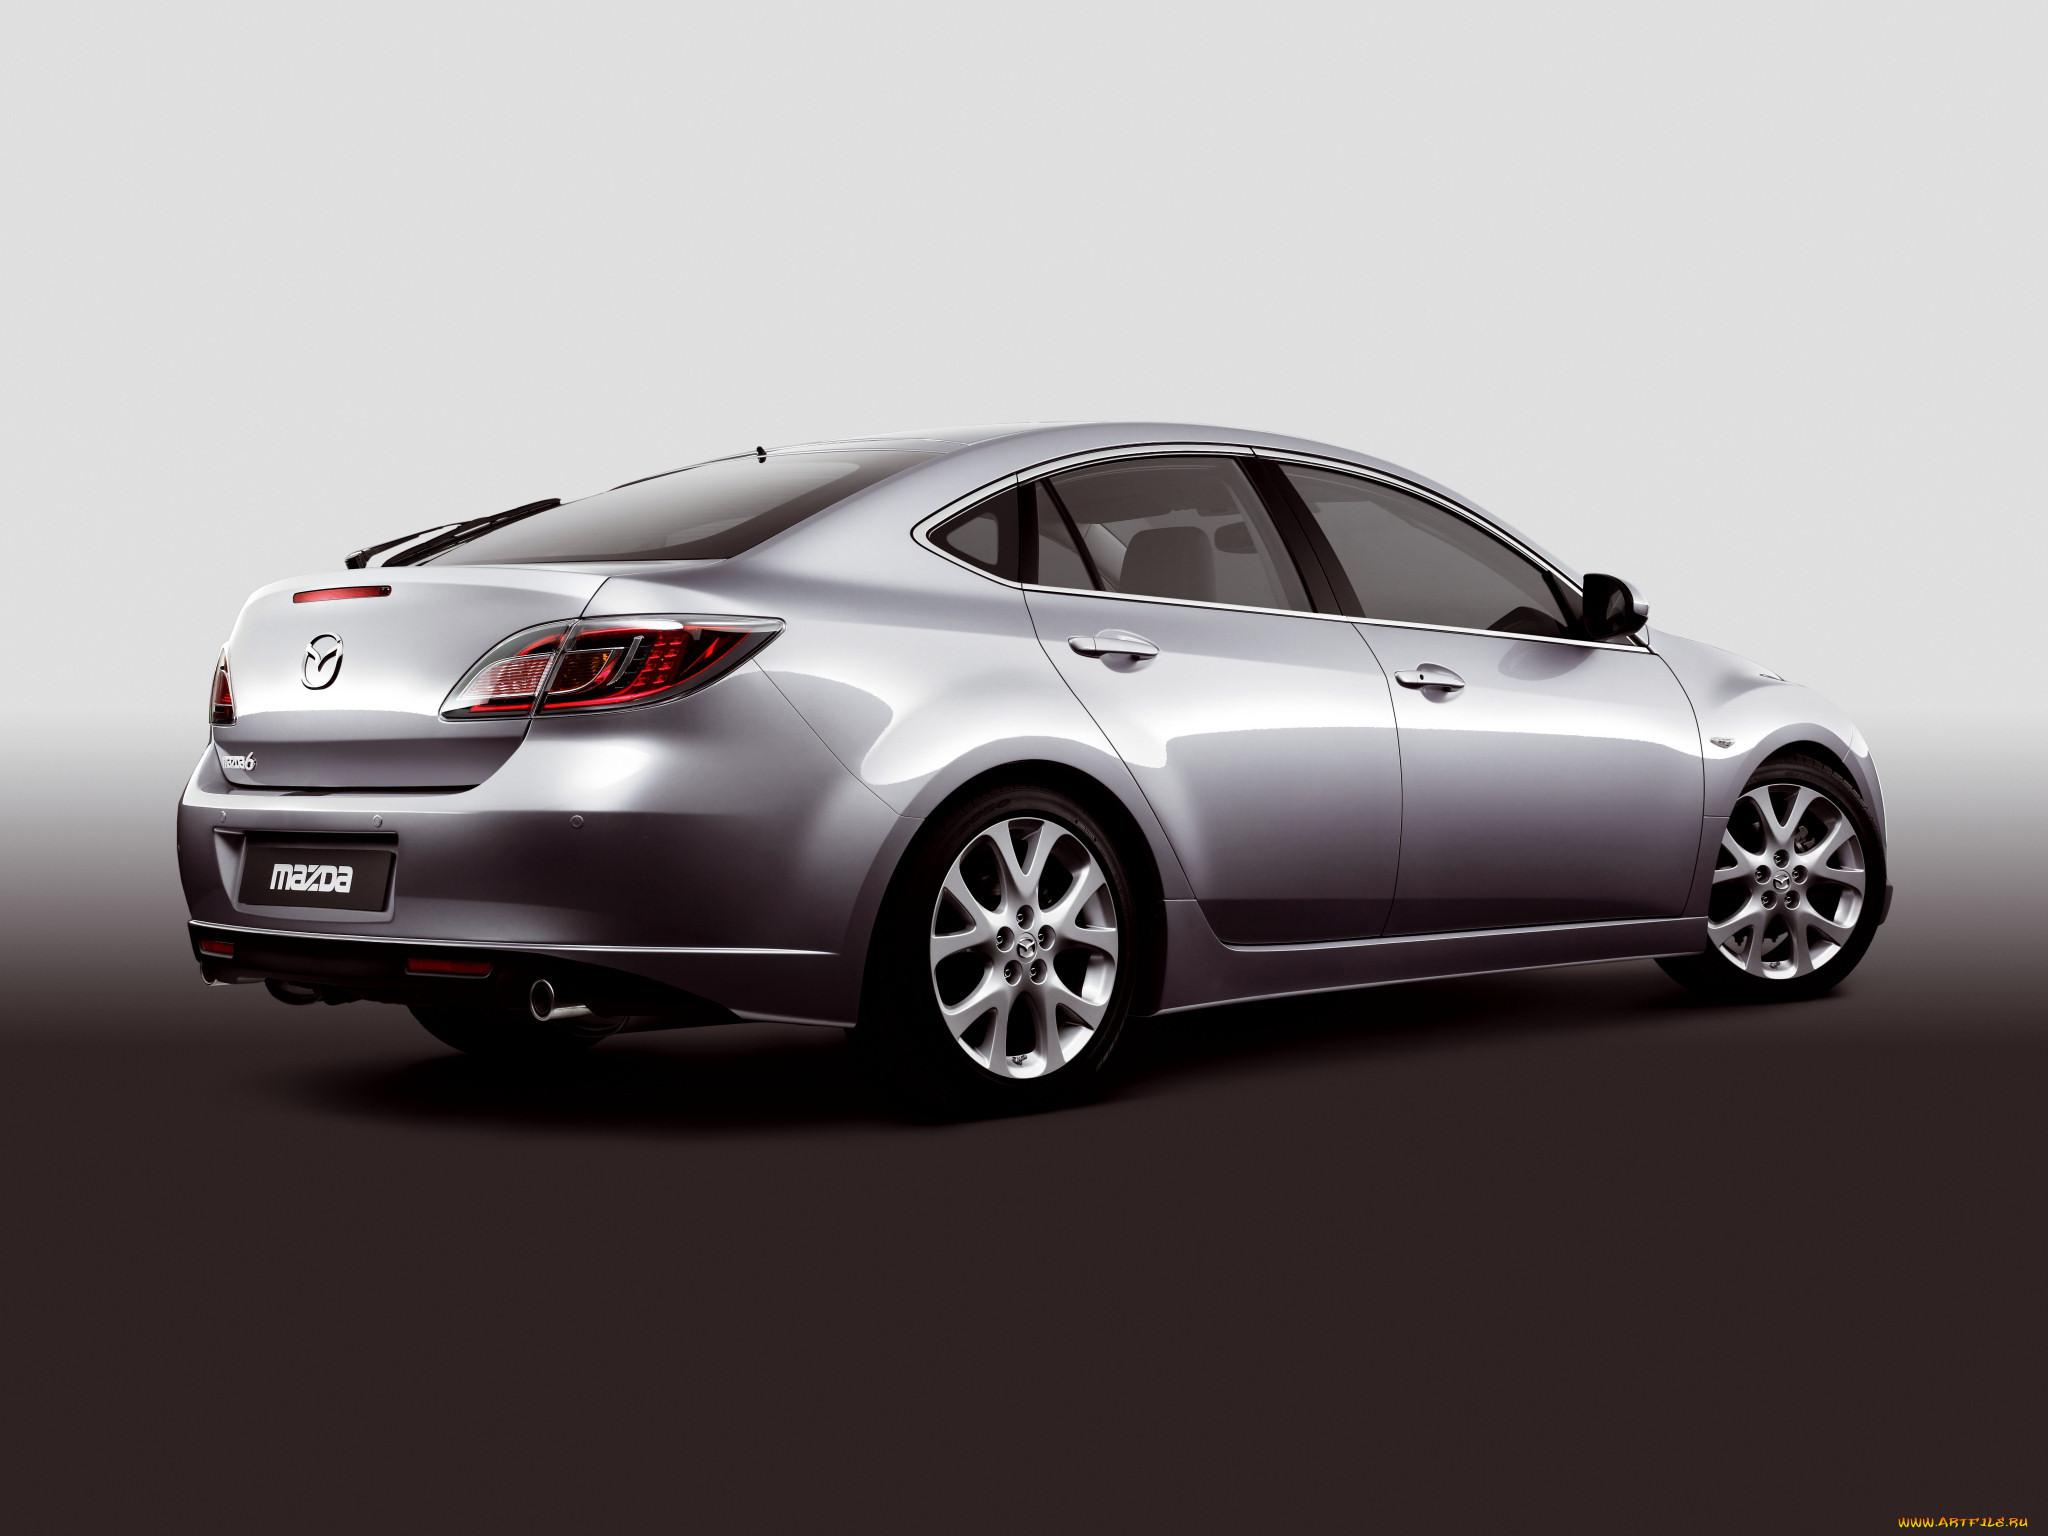 2.55 водитель автомобиля Mazda Atenza, двигаясь по проспекту